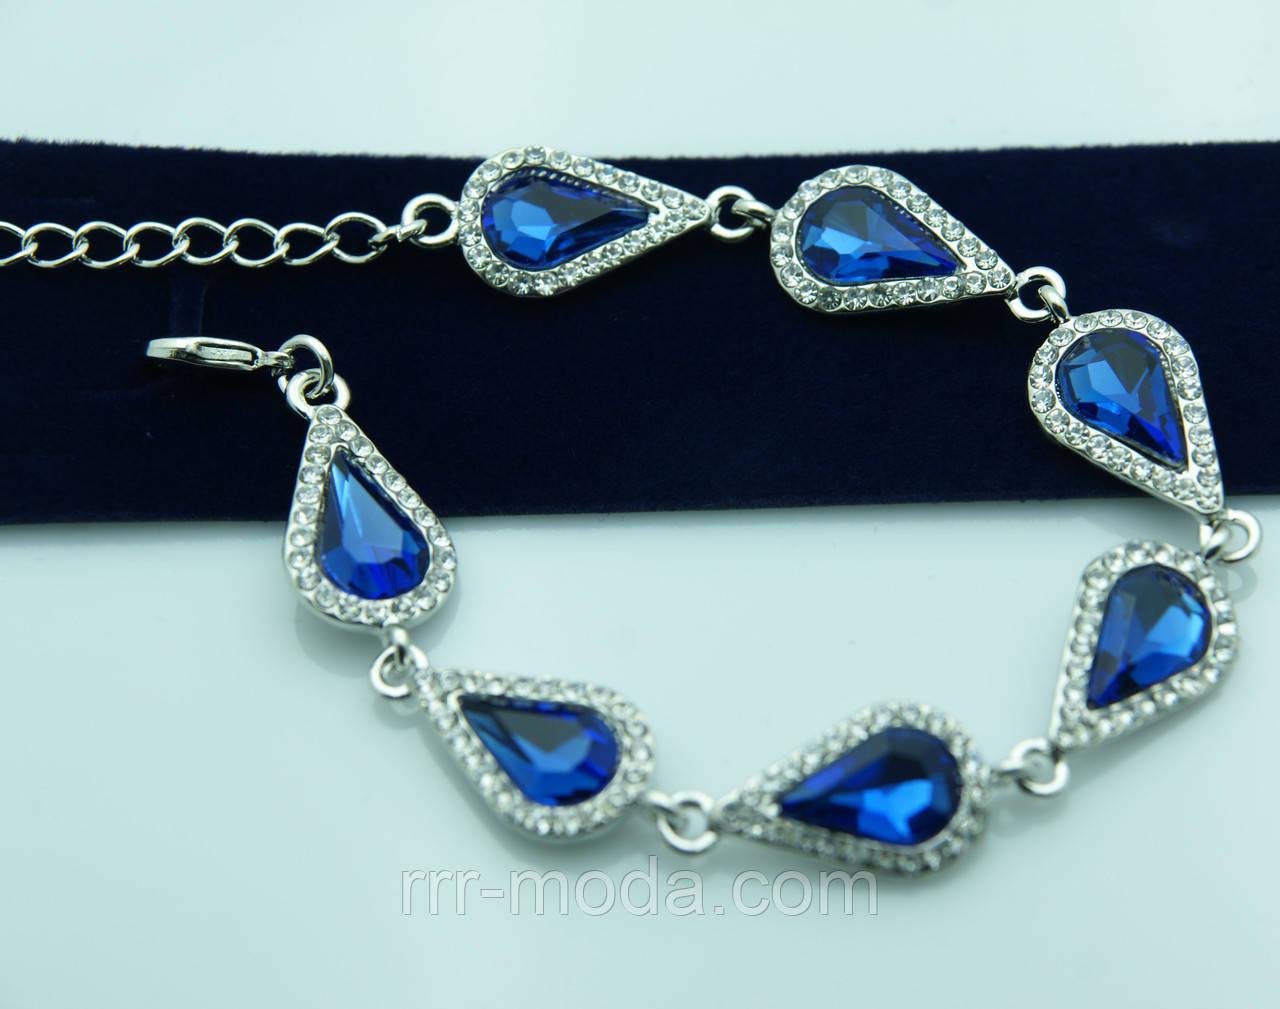 Синий кристальный браслет на вечер. Шикарная бижутерия оптом недорого. 970